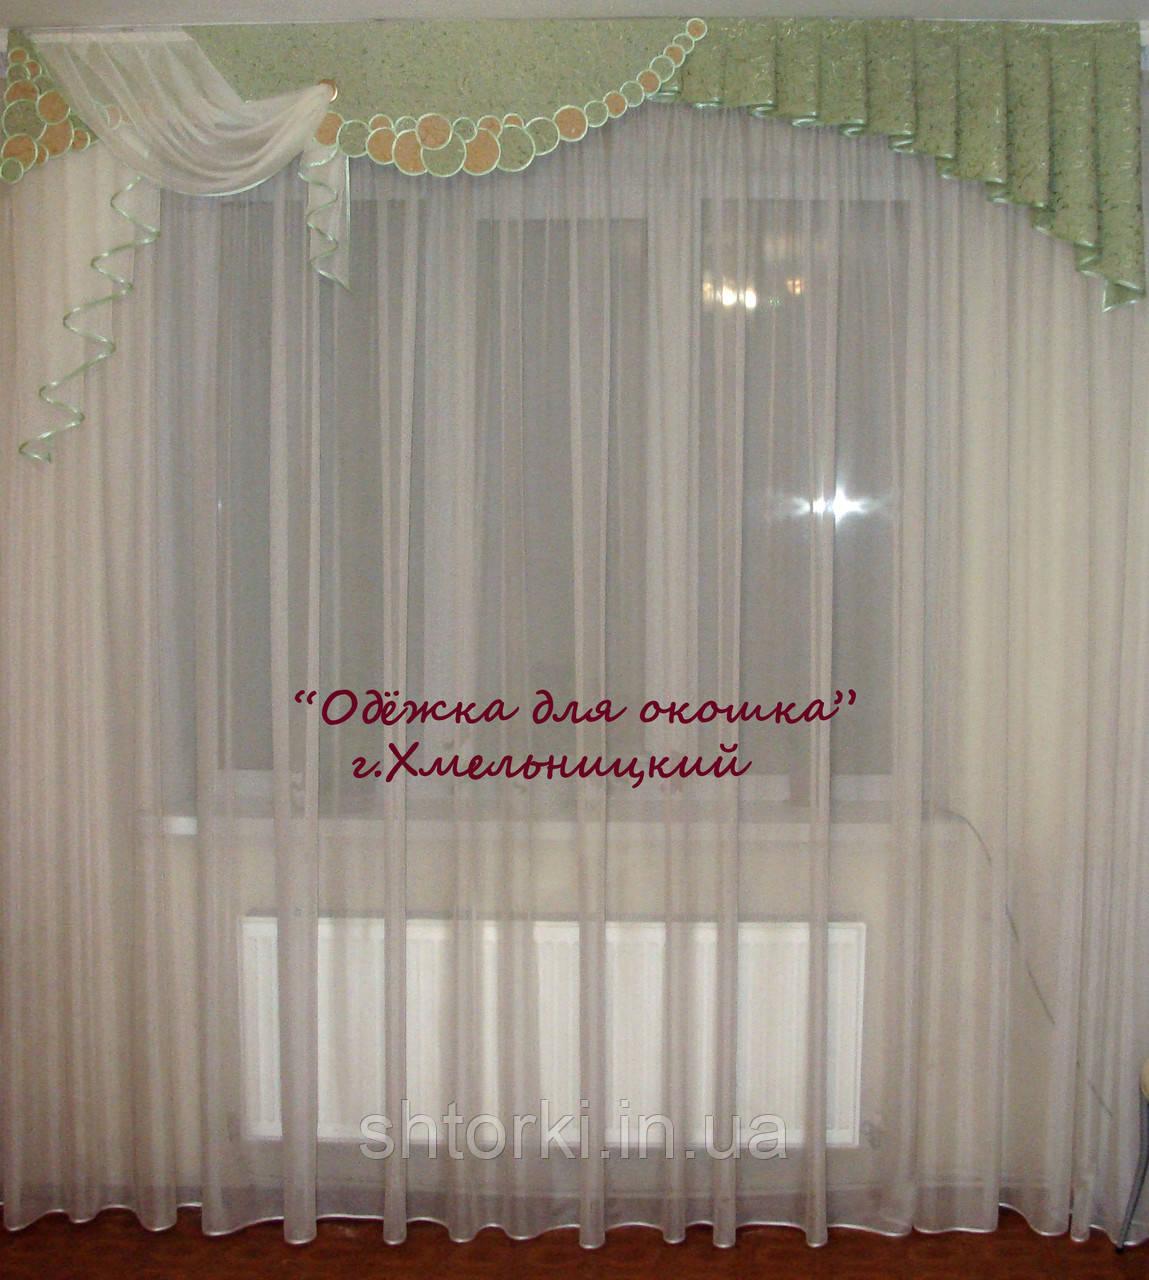 Жесткий ламбрекен Смайл бирюзово-салатовый Айту